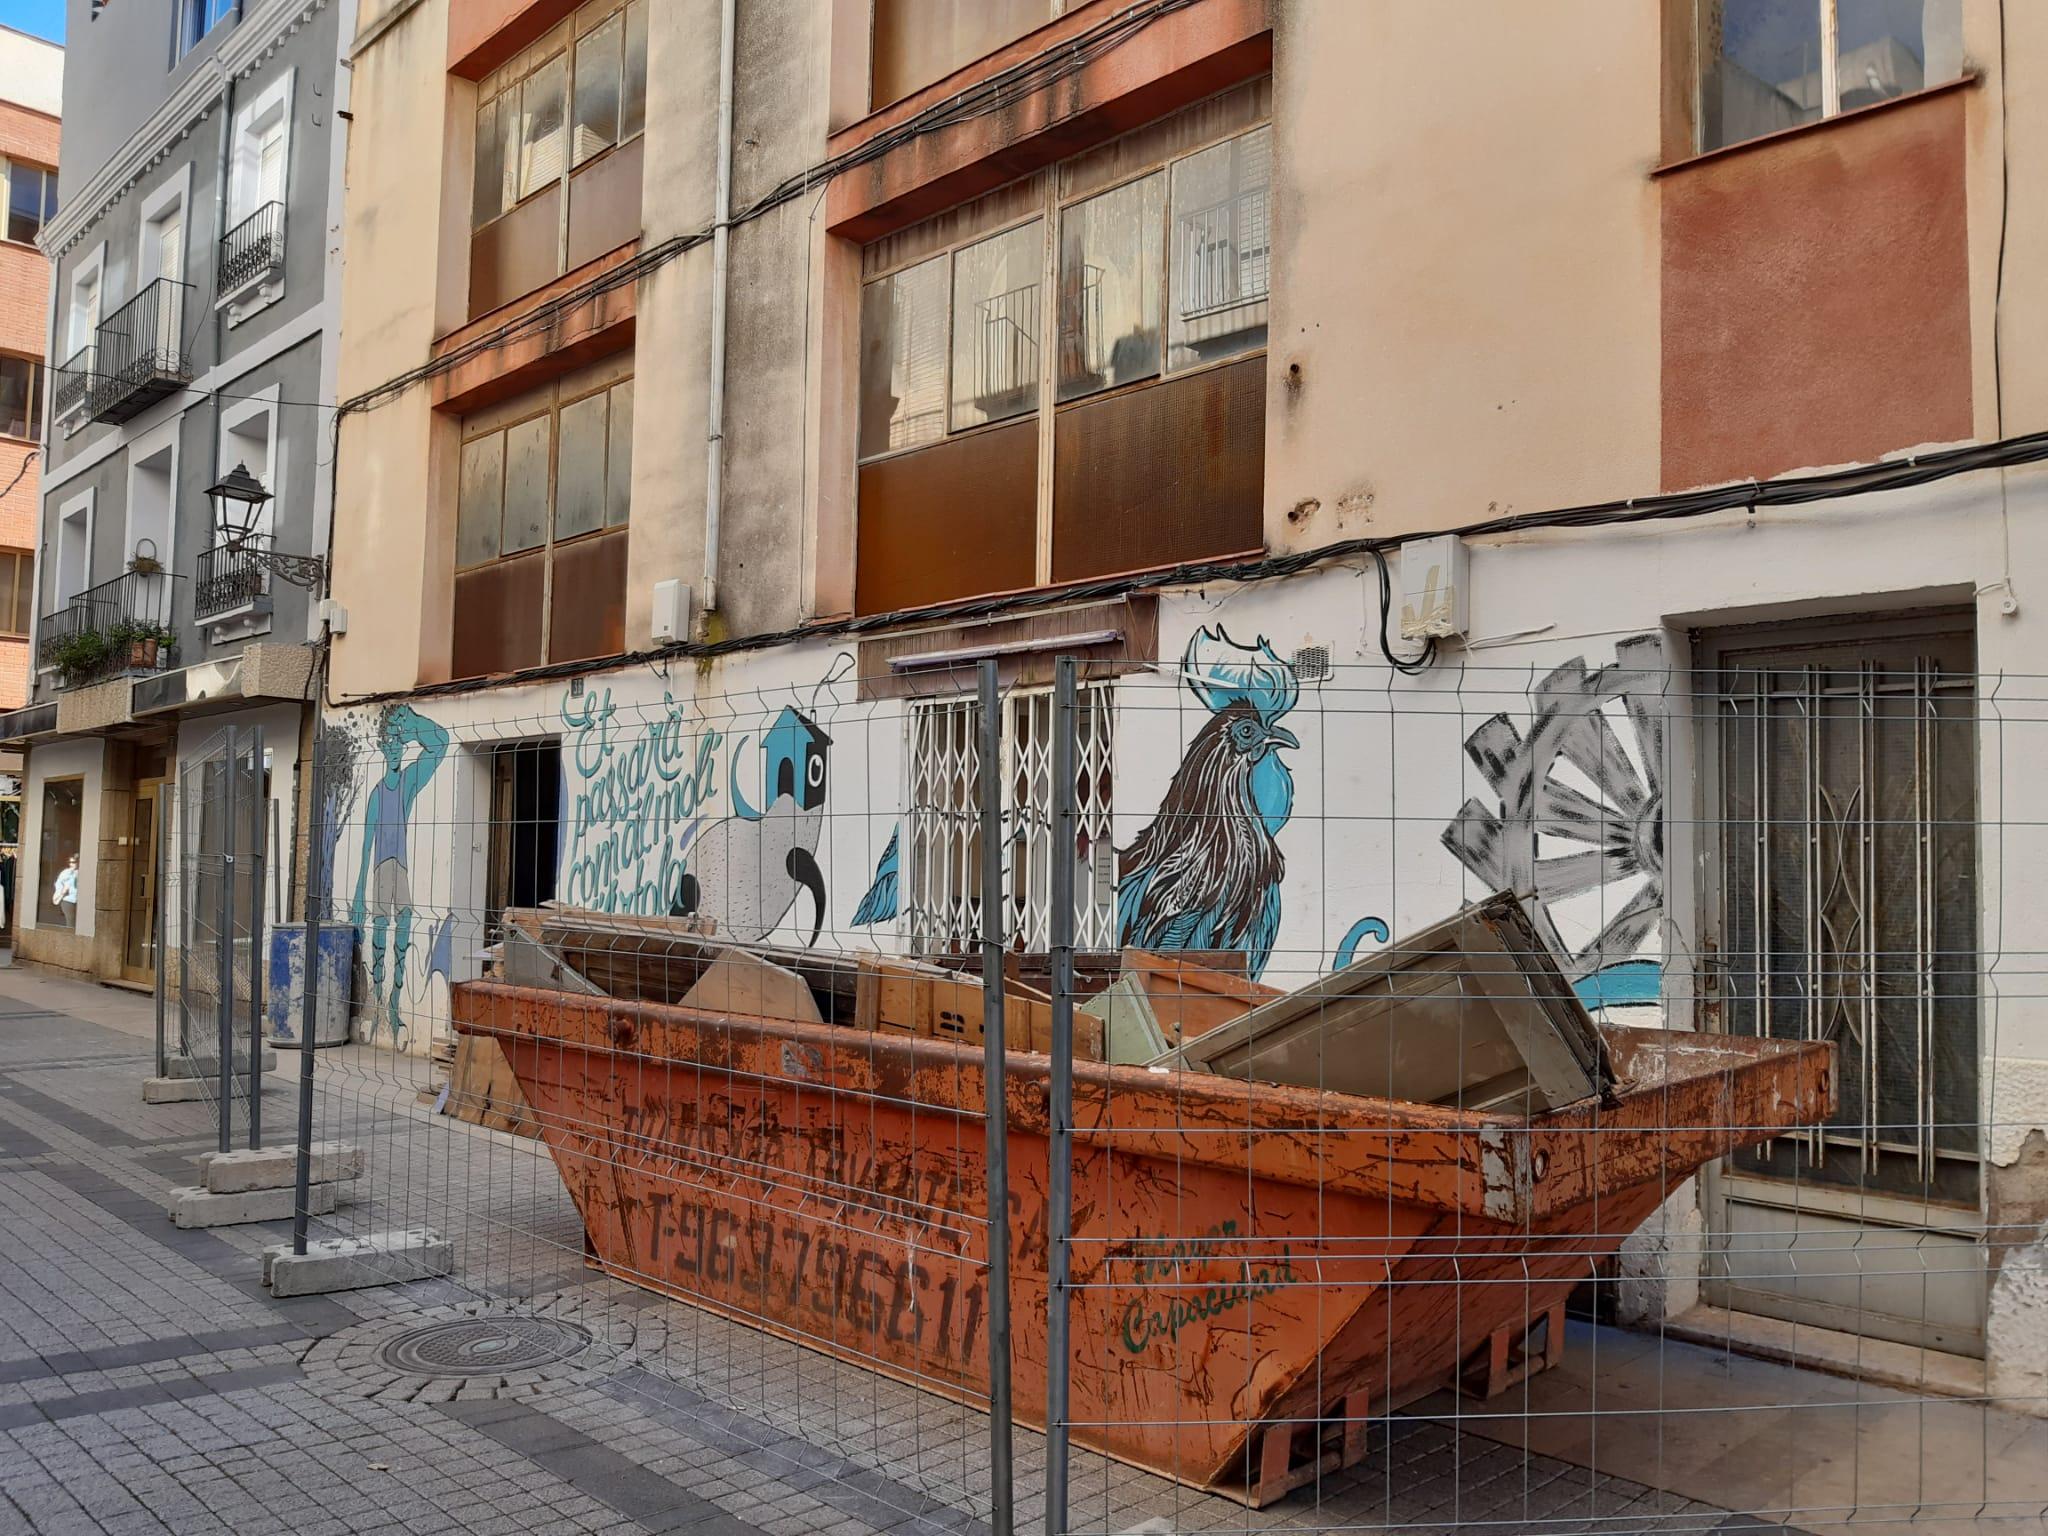 Benicarló; Comencen les obres de rehabilitació del futur Centre Cívic del carrer Major